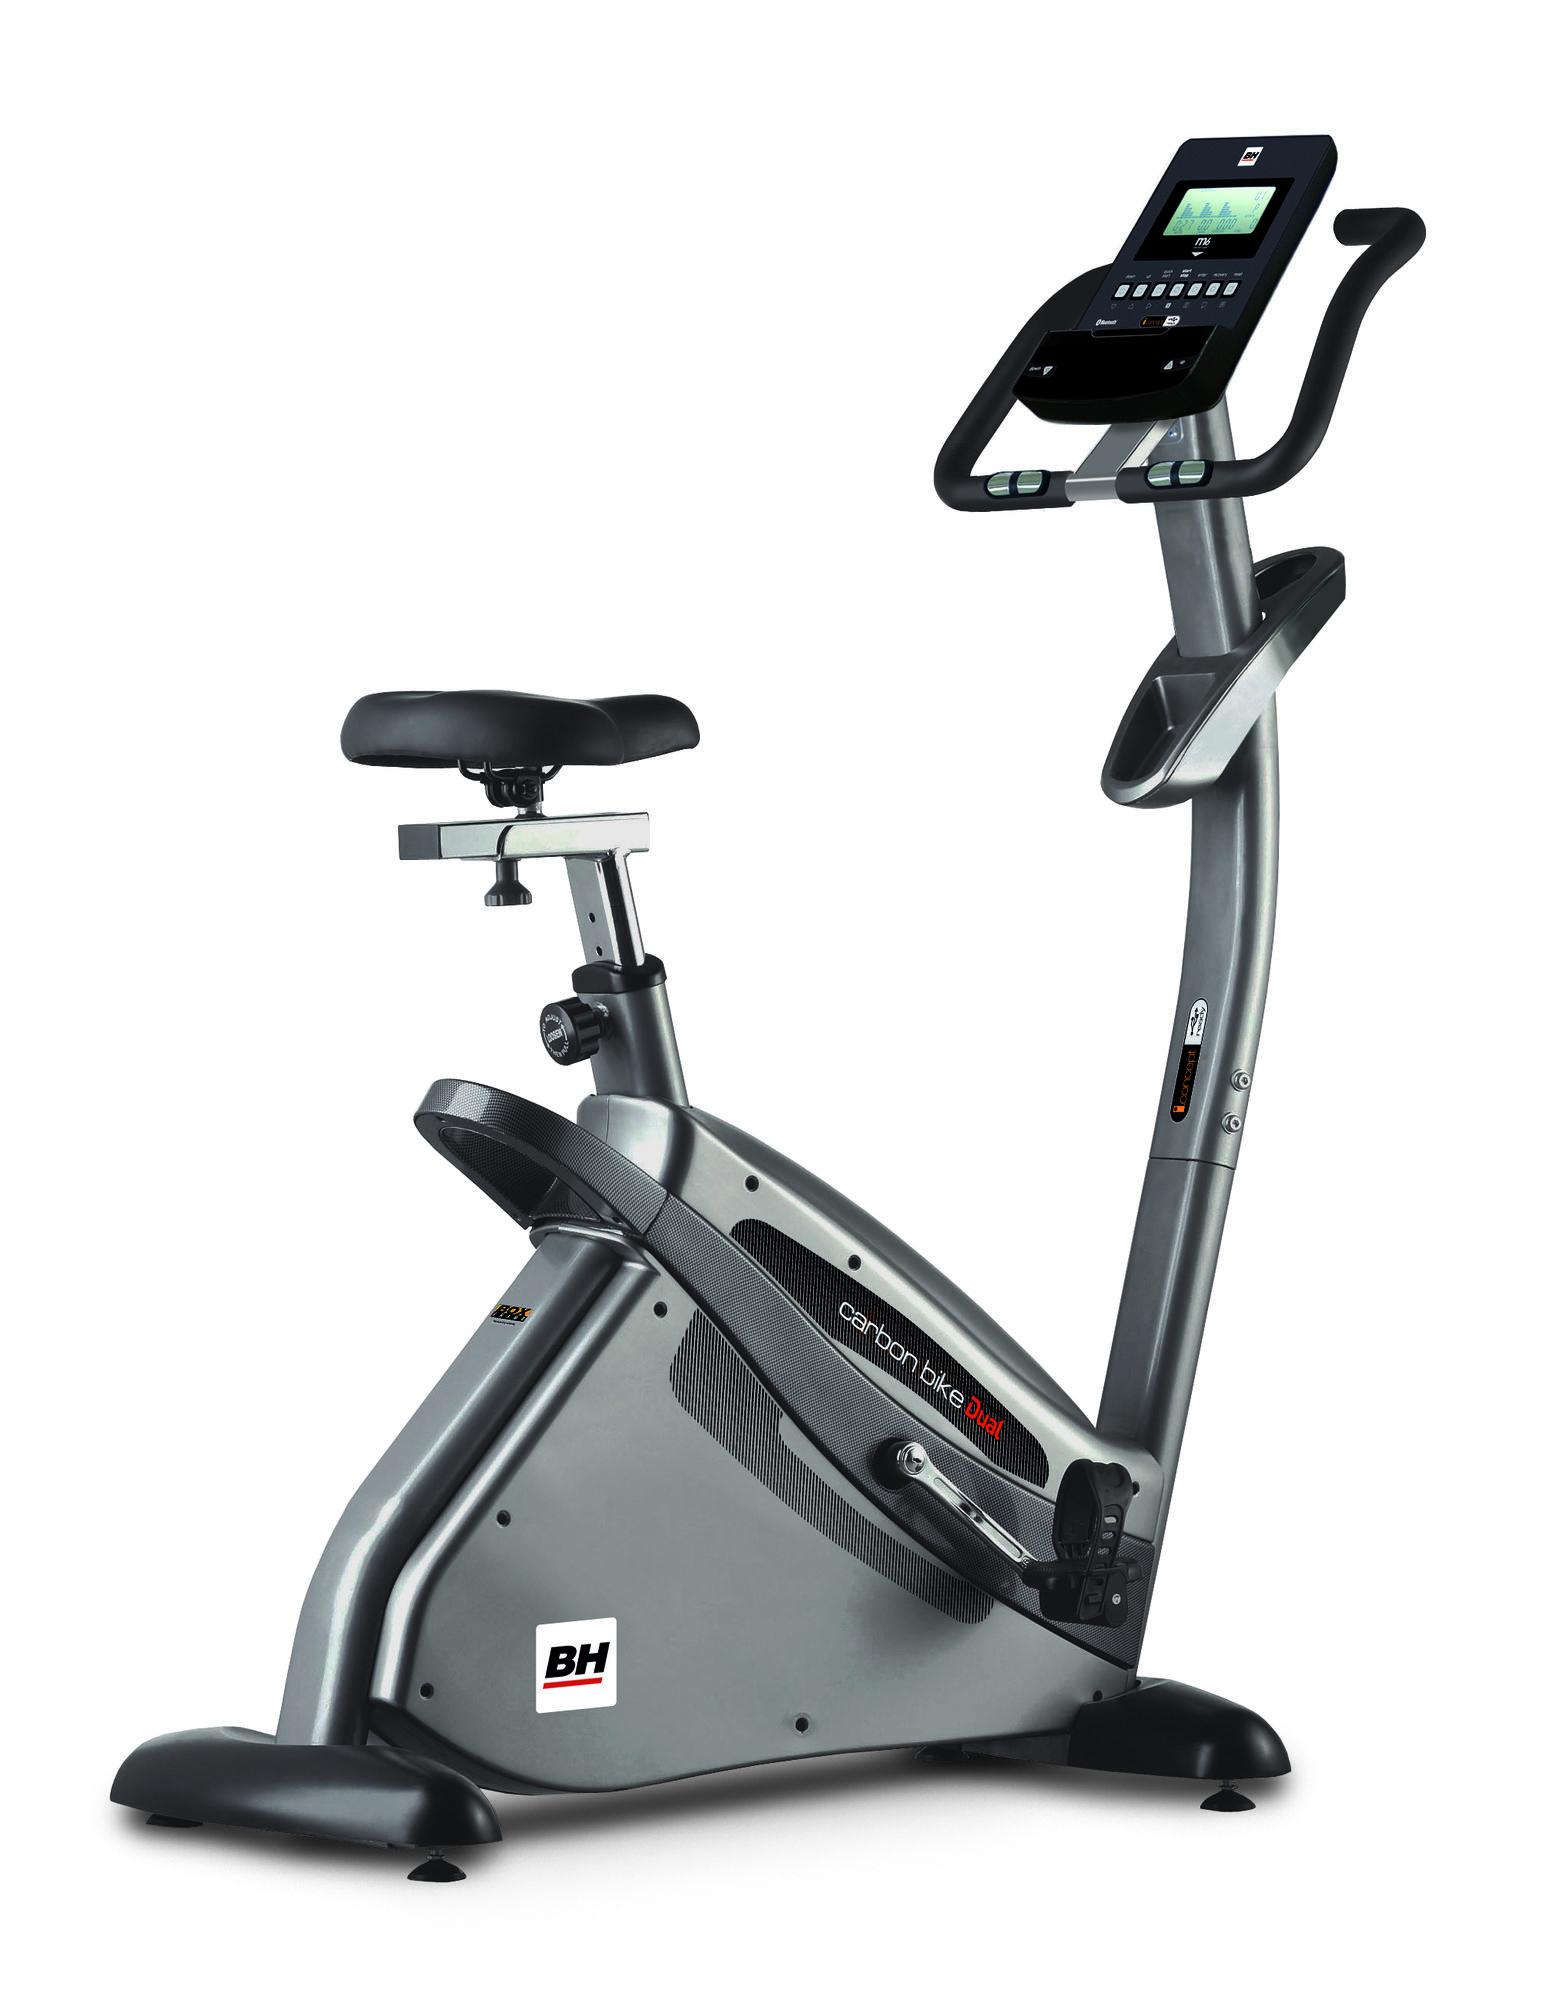 Afbeelding van BH Fitness i. Carbon Bike Dual Hometrainer - DEMO